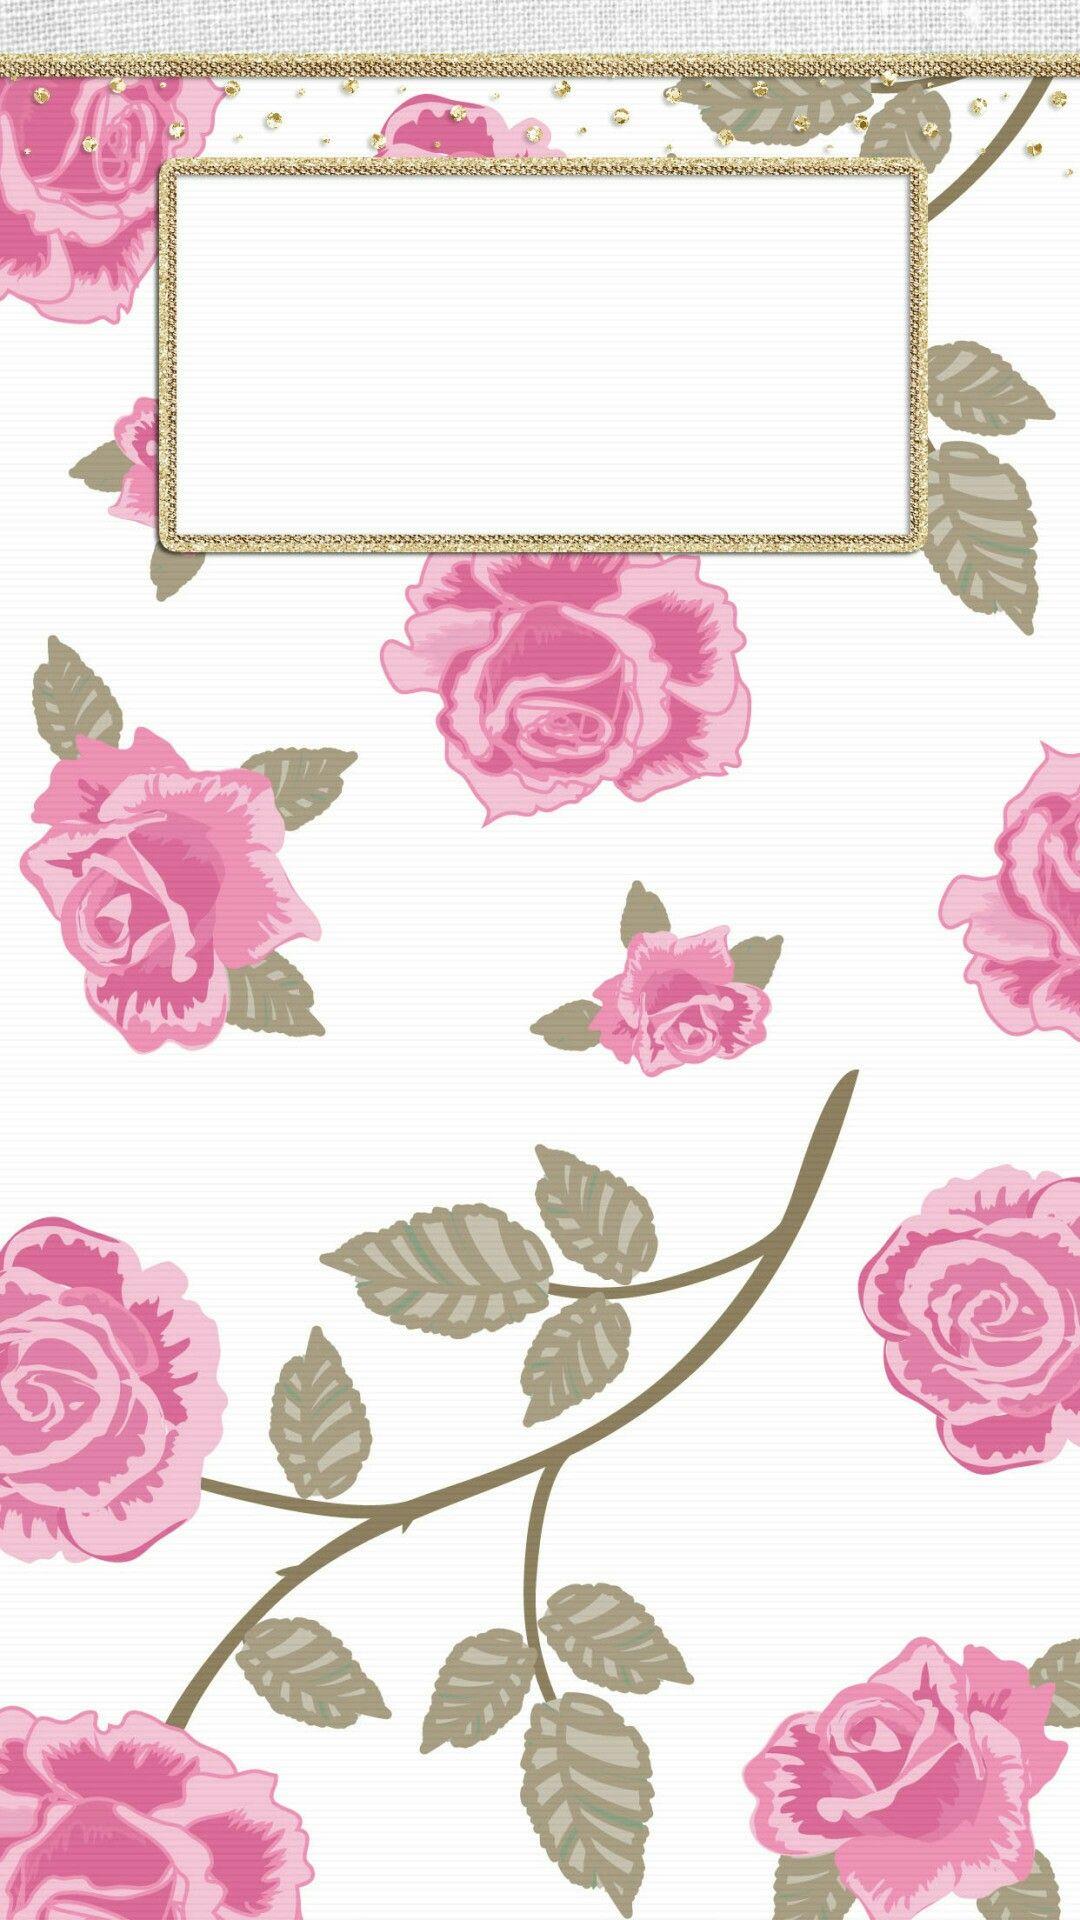 Amazing Wallpaper Hello Kitty Smartphone - 4775e9b74942e02c19bf757d697f3098  HD_96792.jpg